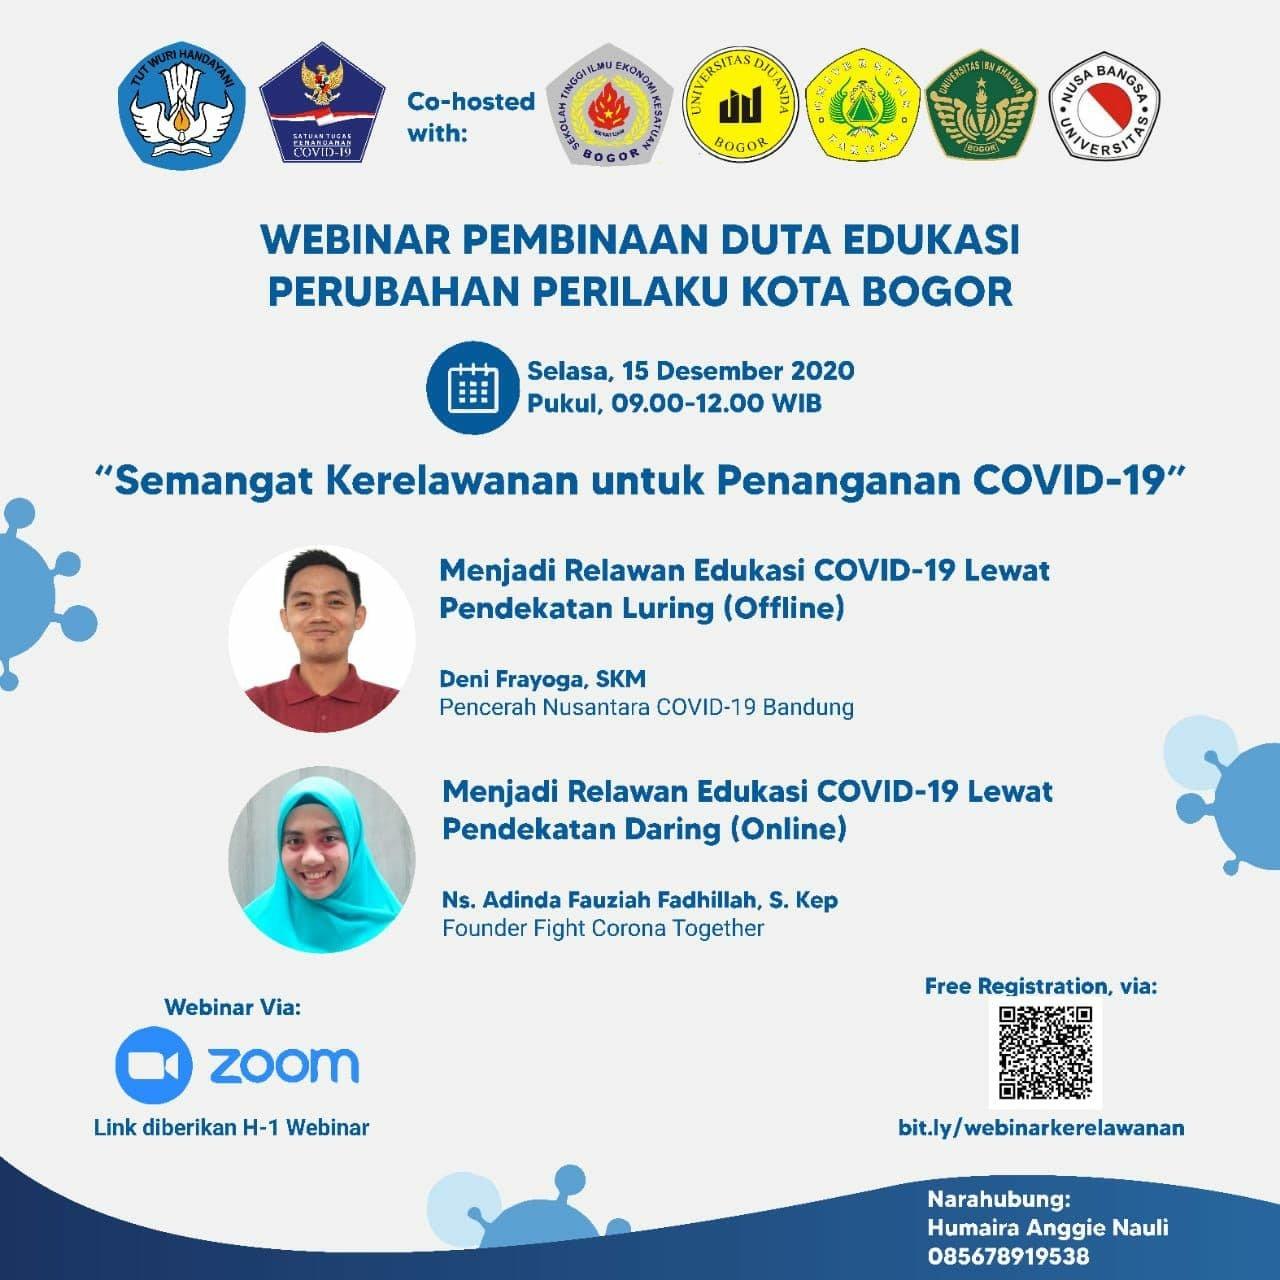 Webinar - Pembinaan Duta Edukasi Perubahan Perilaku Kota Bogor: Semangat Kerelawanan untuk Penanganan COVID-19